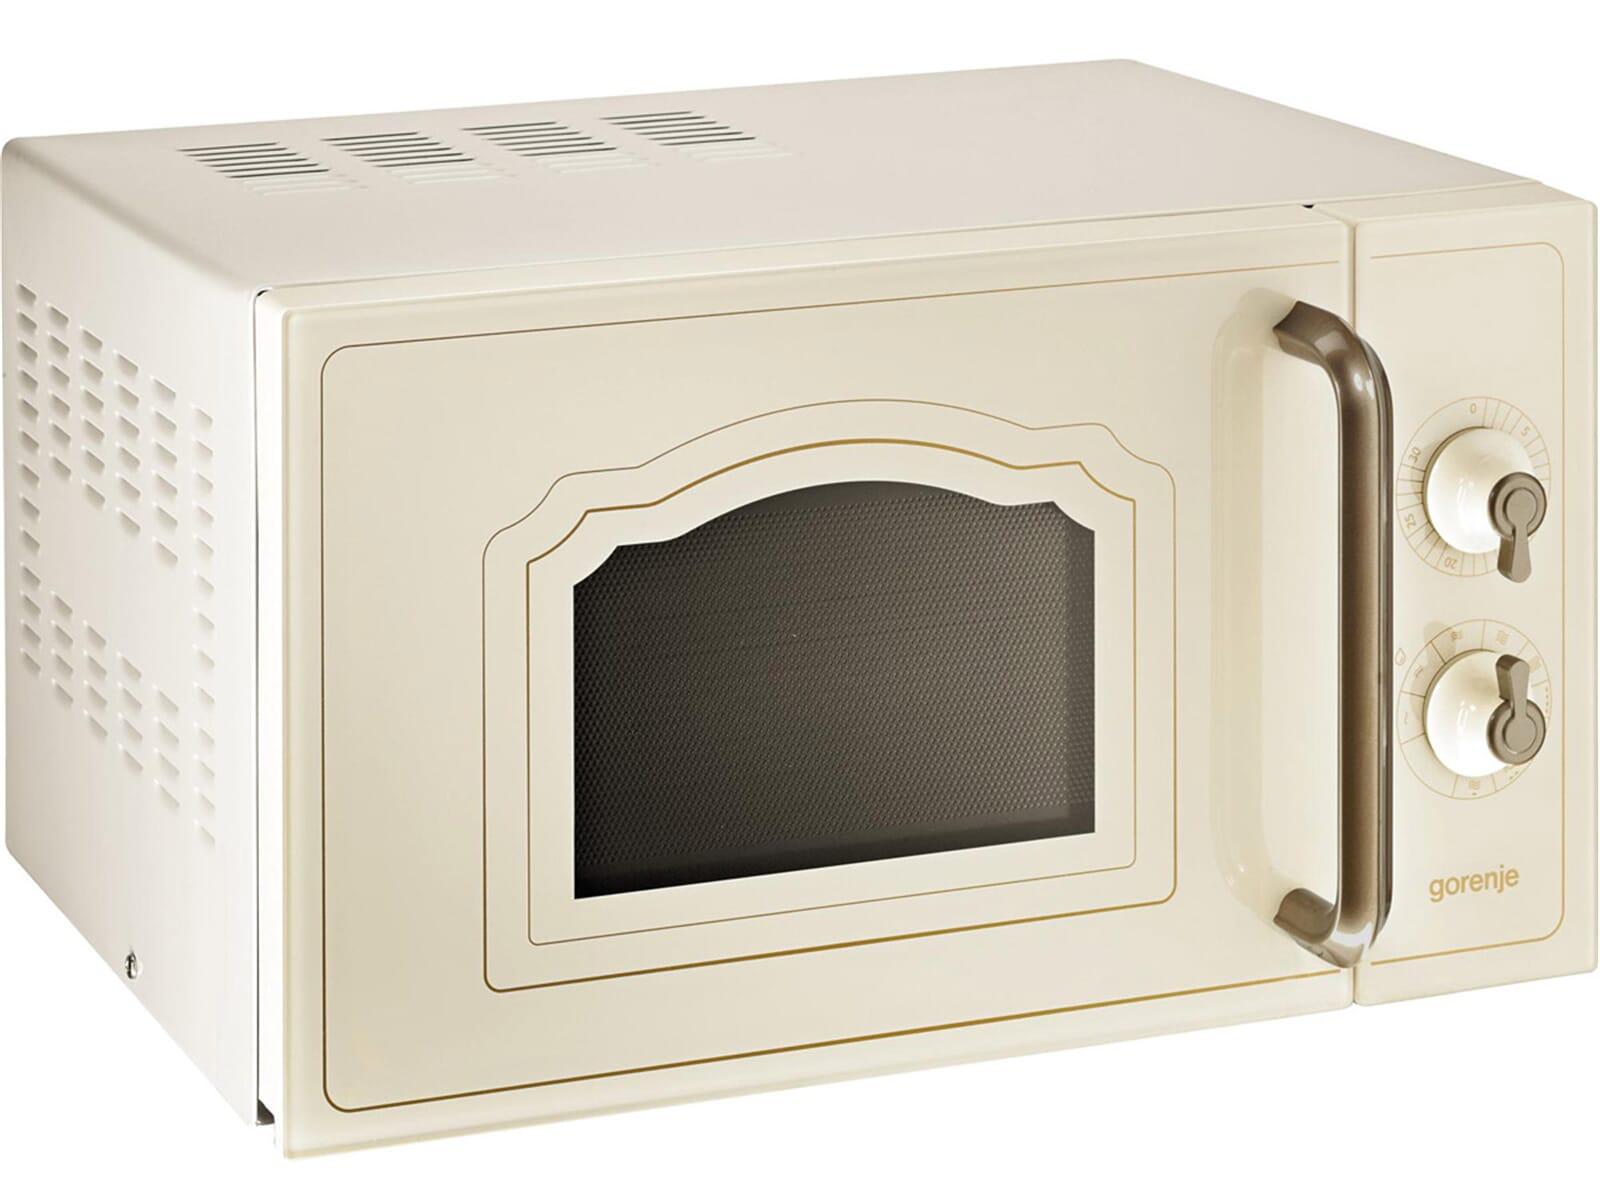 Gorenje Classico MO 4250 CLI Stand-Mikrowelle mit Grill Elfenbein